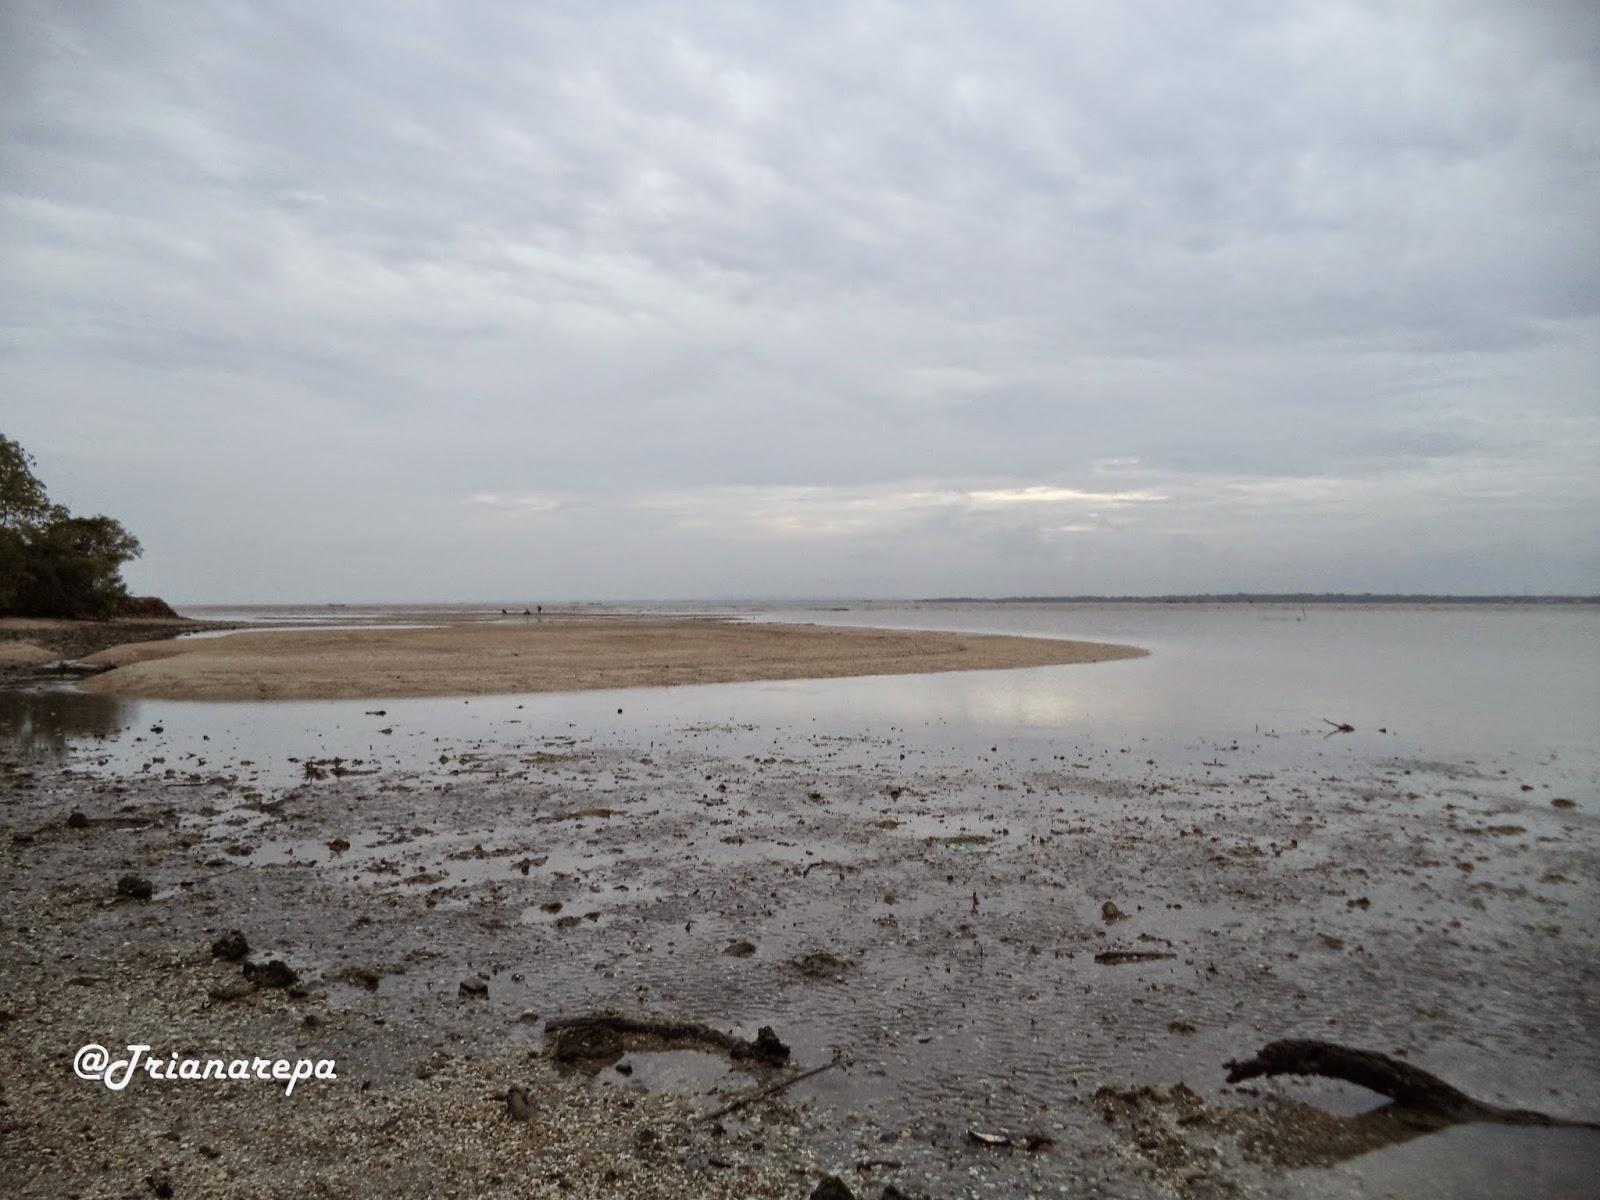 Indahnya Pulau Mengare Pejalan Beruntung Kita Menyaksikan Hamparan Pasir Tengan